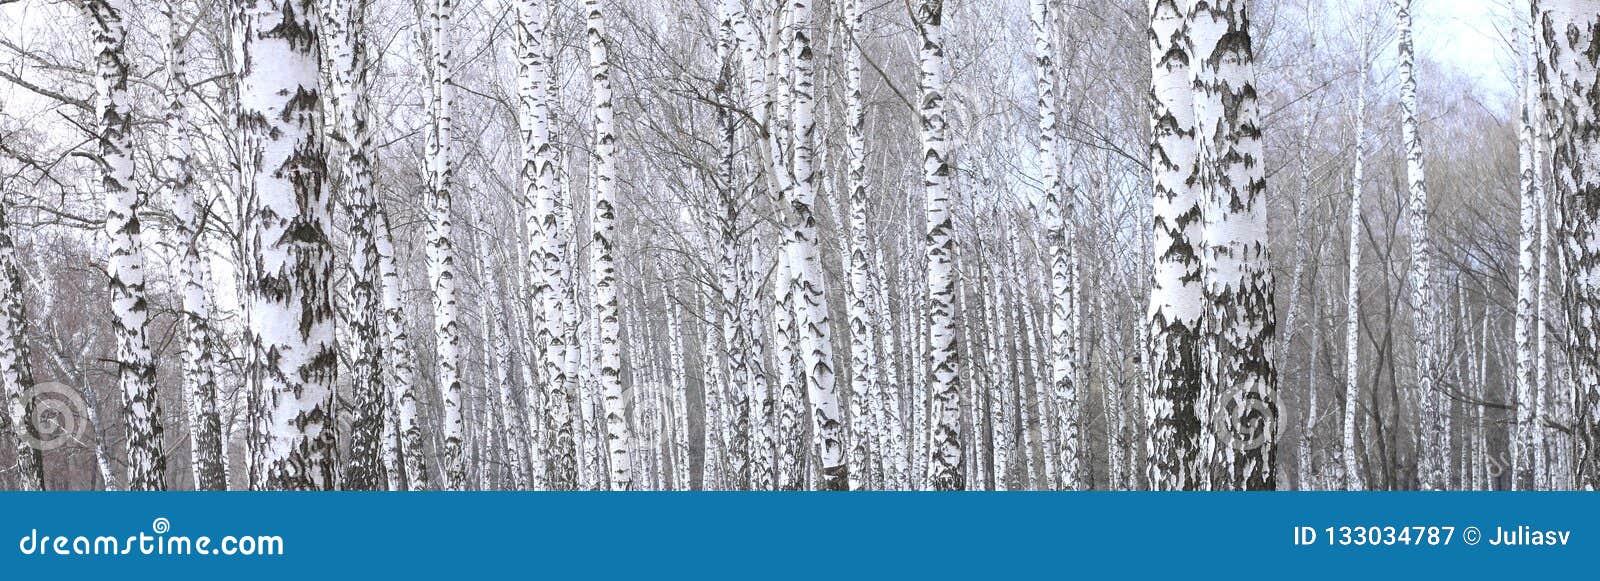 Photo panoramique de belle scène avec des bouleaux dans la forêt de bouleau d automne en novembre